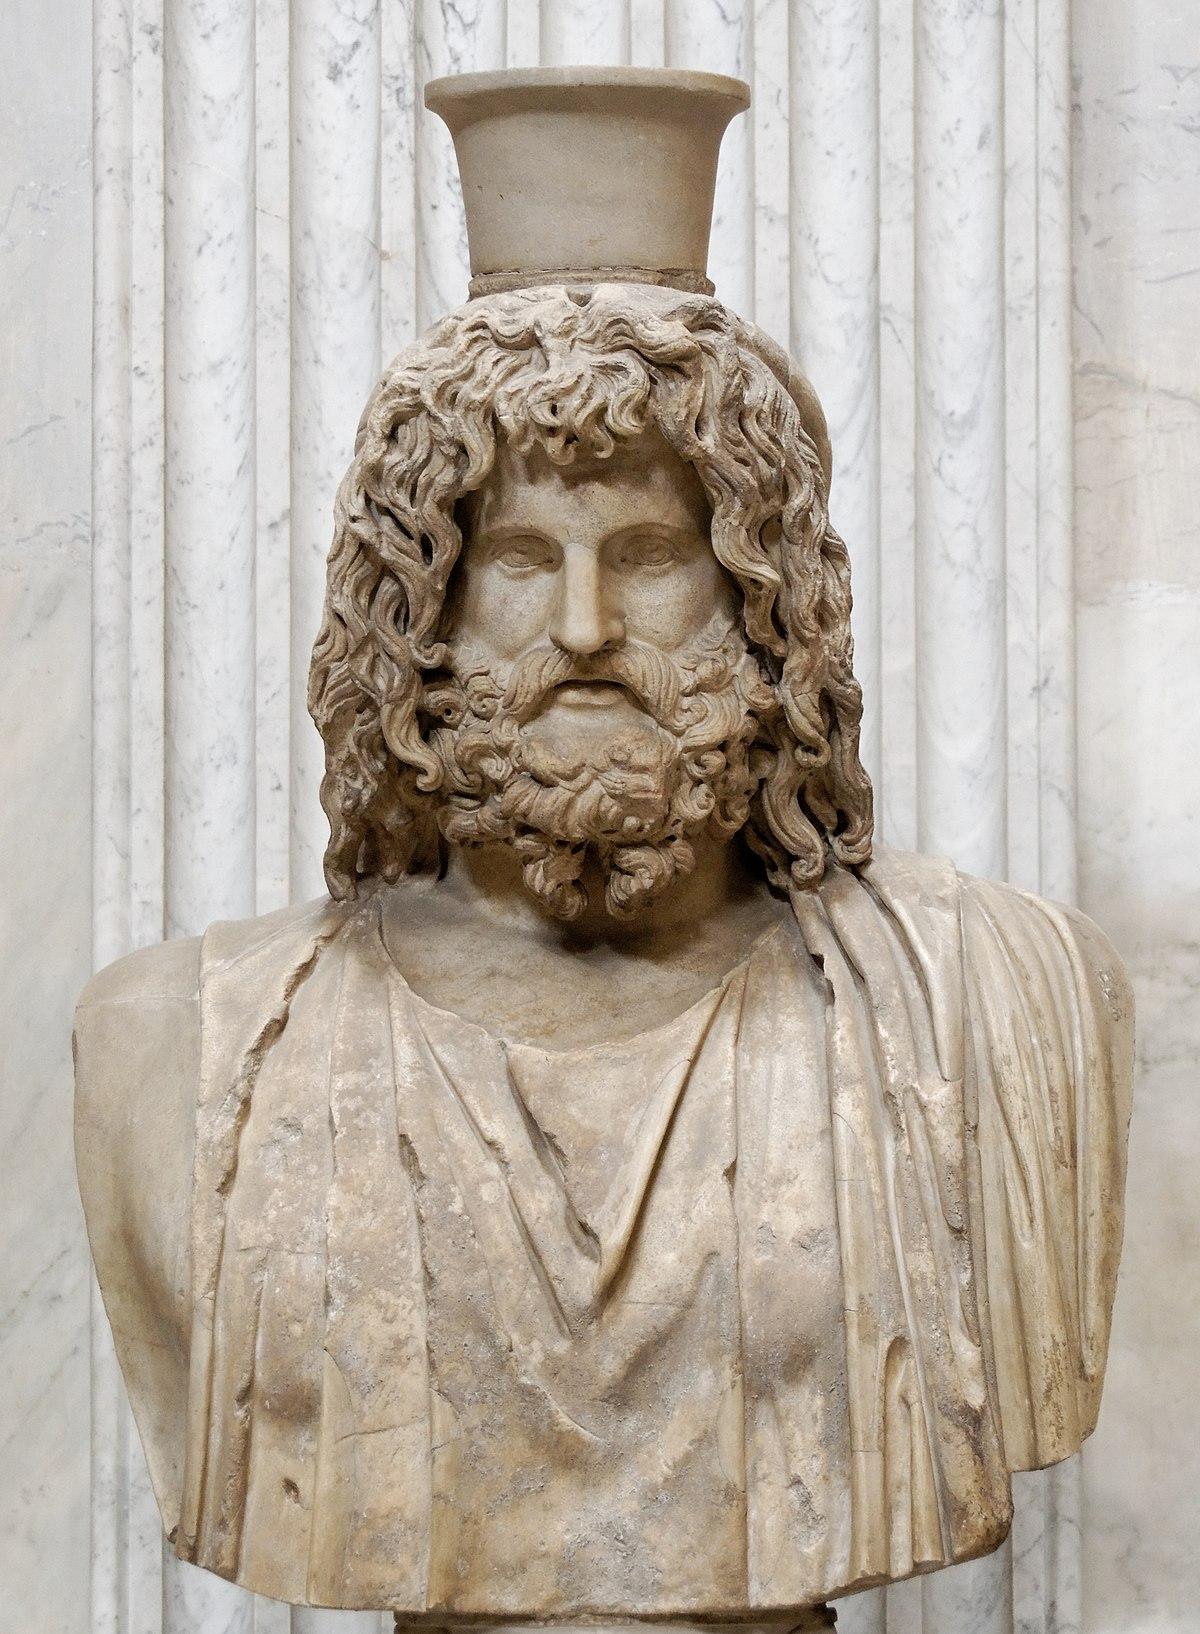 https://upload.wikimedia.org/wikipedia/commons/thumb/c/c4/Serapis_Pio-Clementino_Inv689_n2.jpg/1200px-Serapis_Pio-Clementino_Inv689_n2.jpg